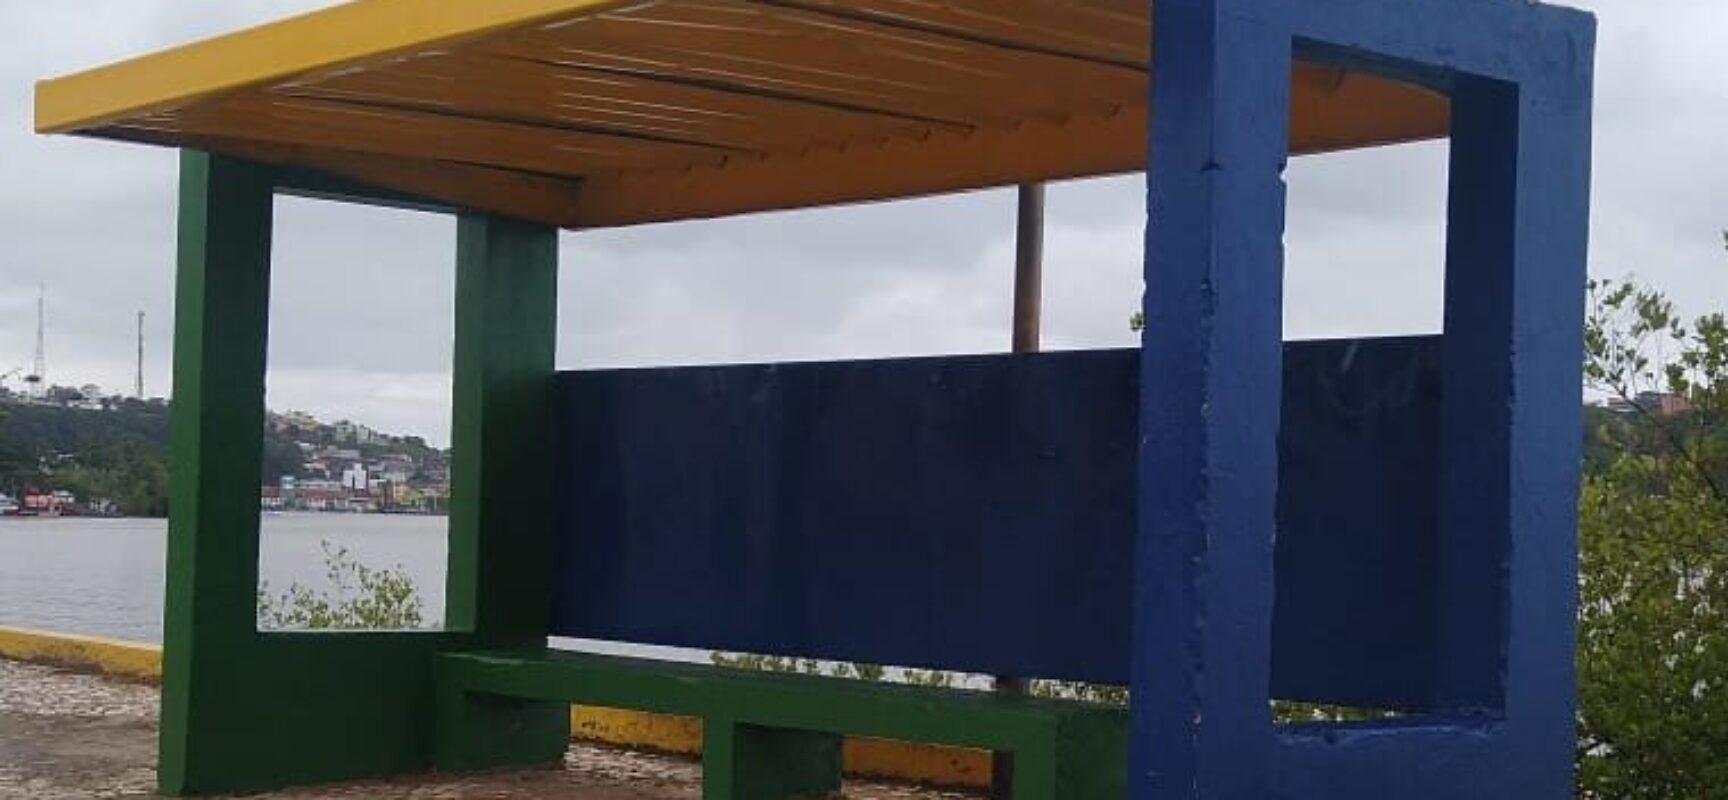 ESCUTA ILHÉUS: Prefeito Marão atende reivindicação e recupera abrigos de ônibus no Pontal